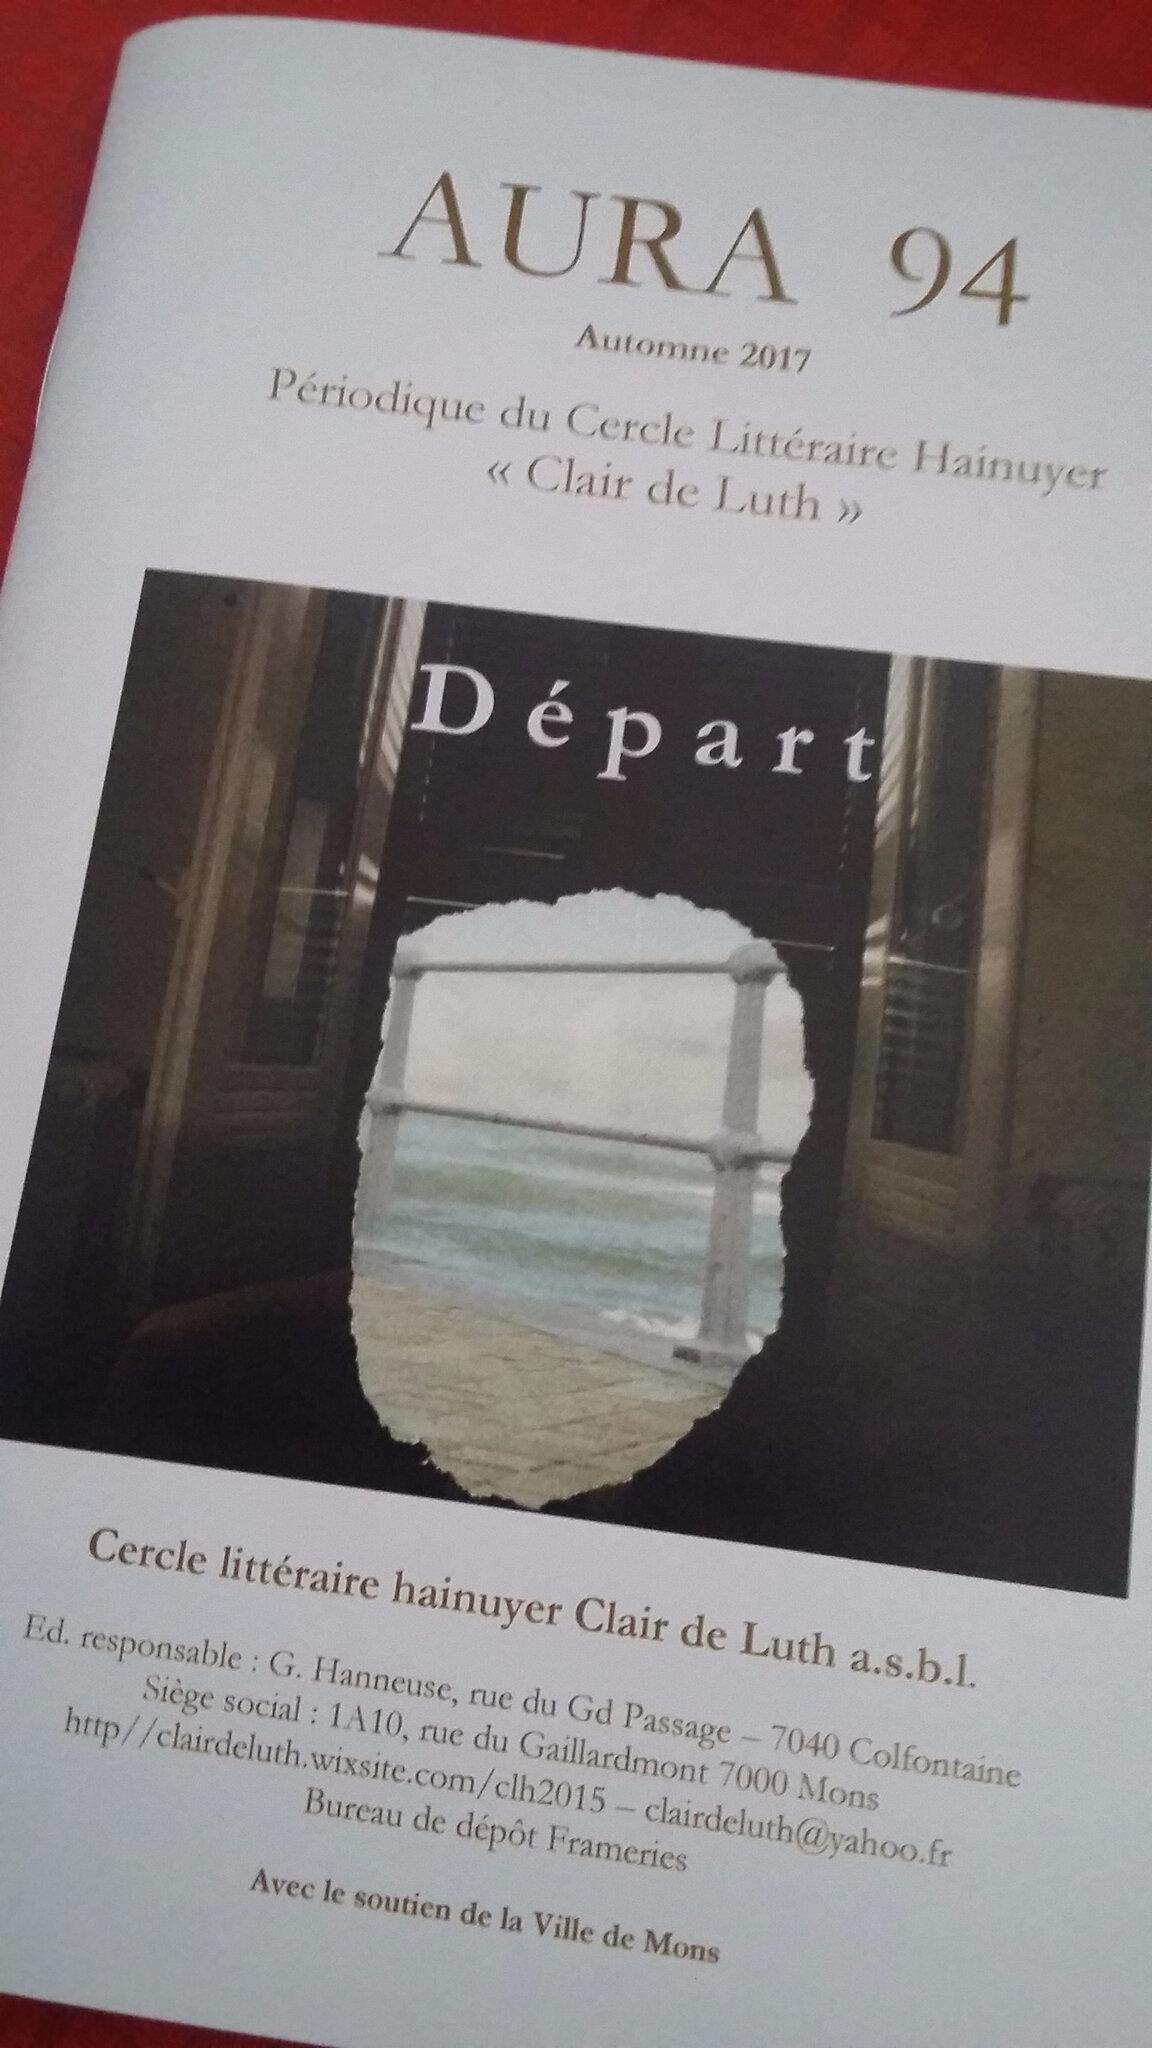 Dans Aura 94, Un départ sans bagage, un texte de C.-L. Desguin